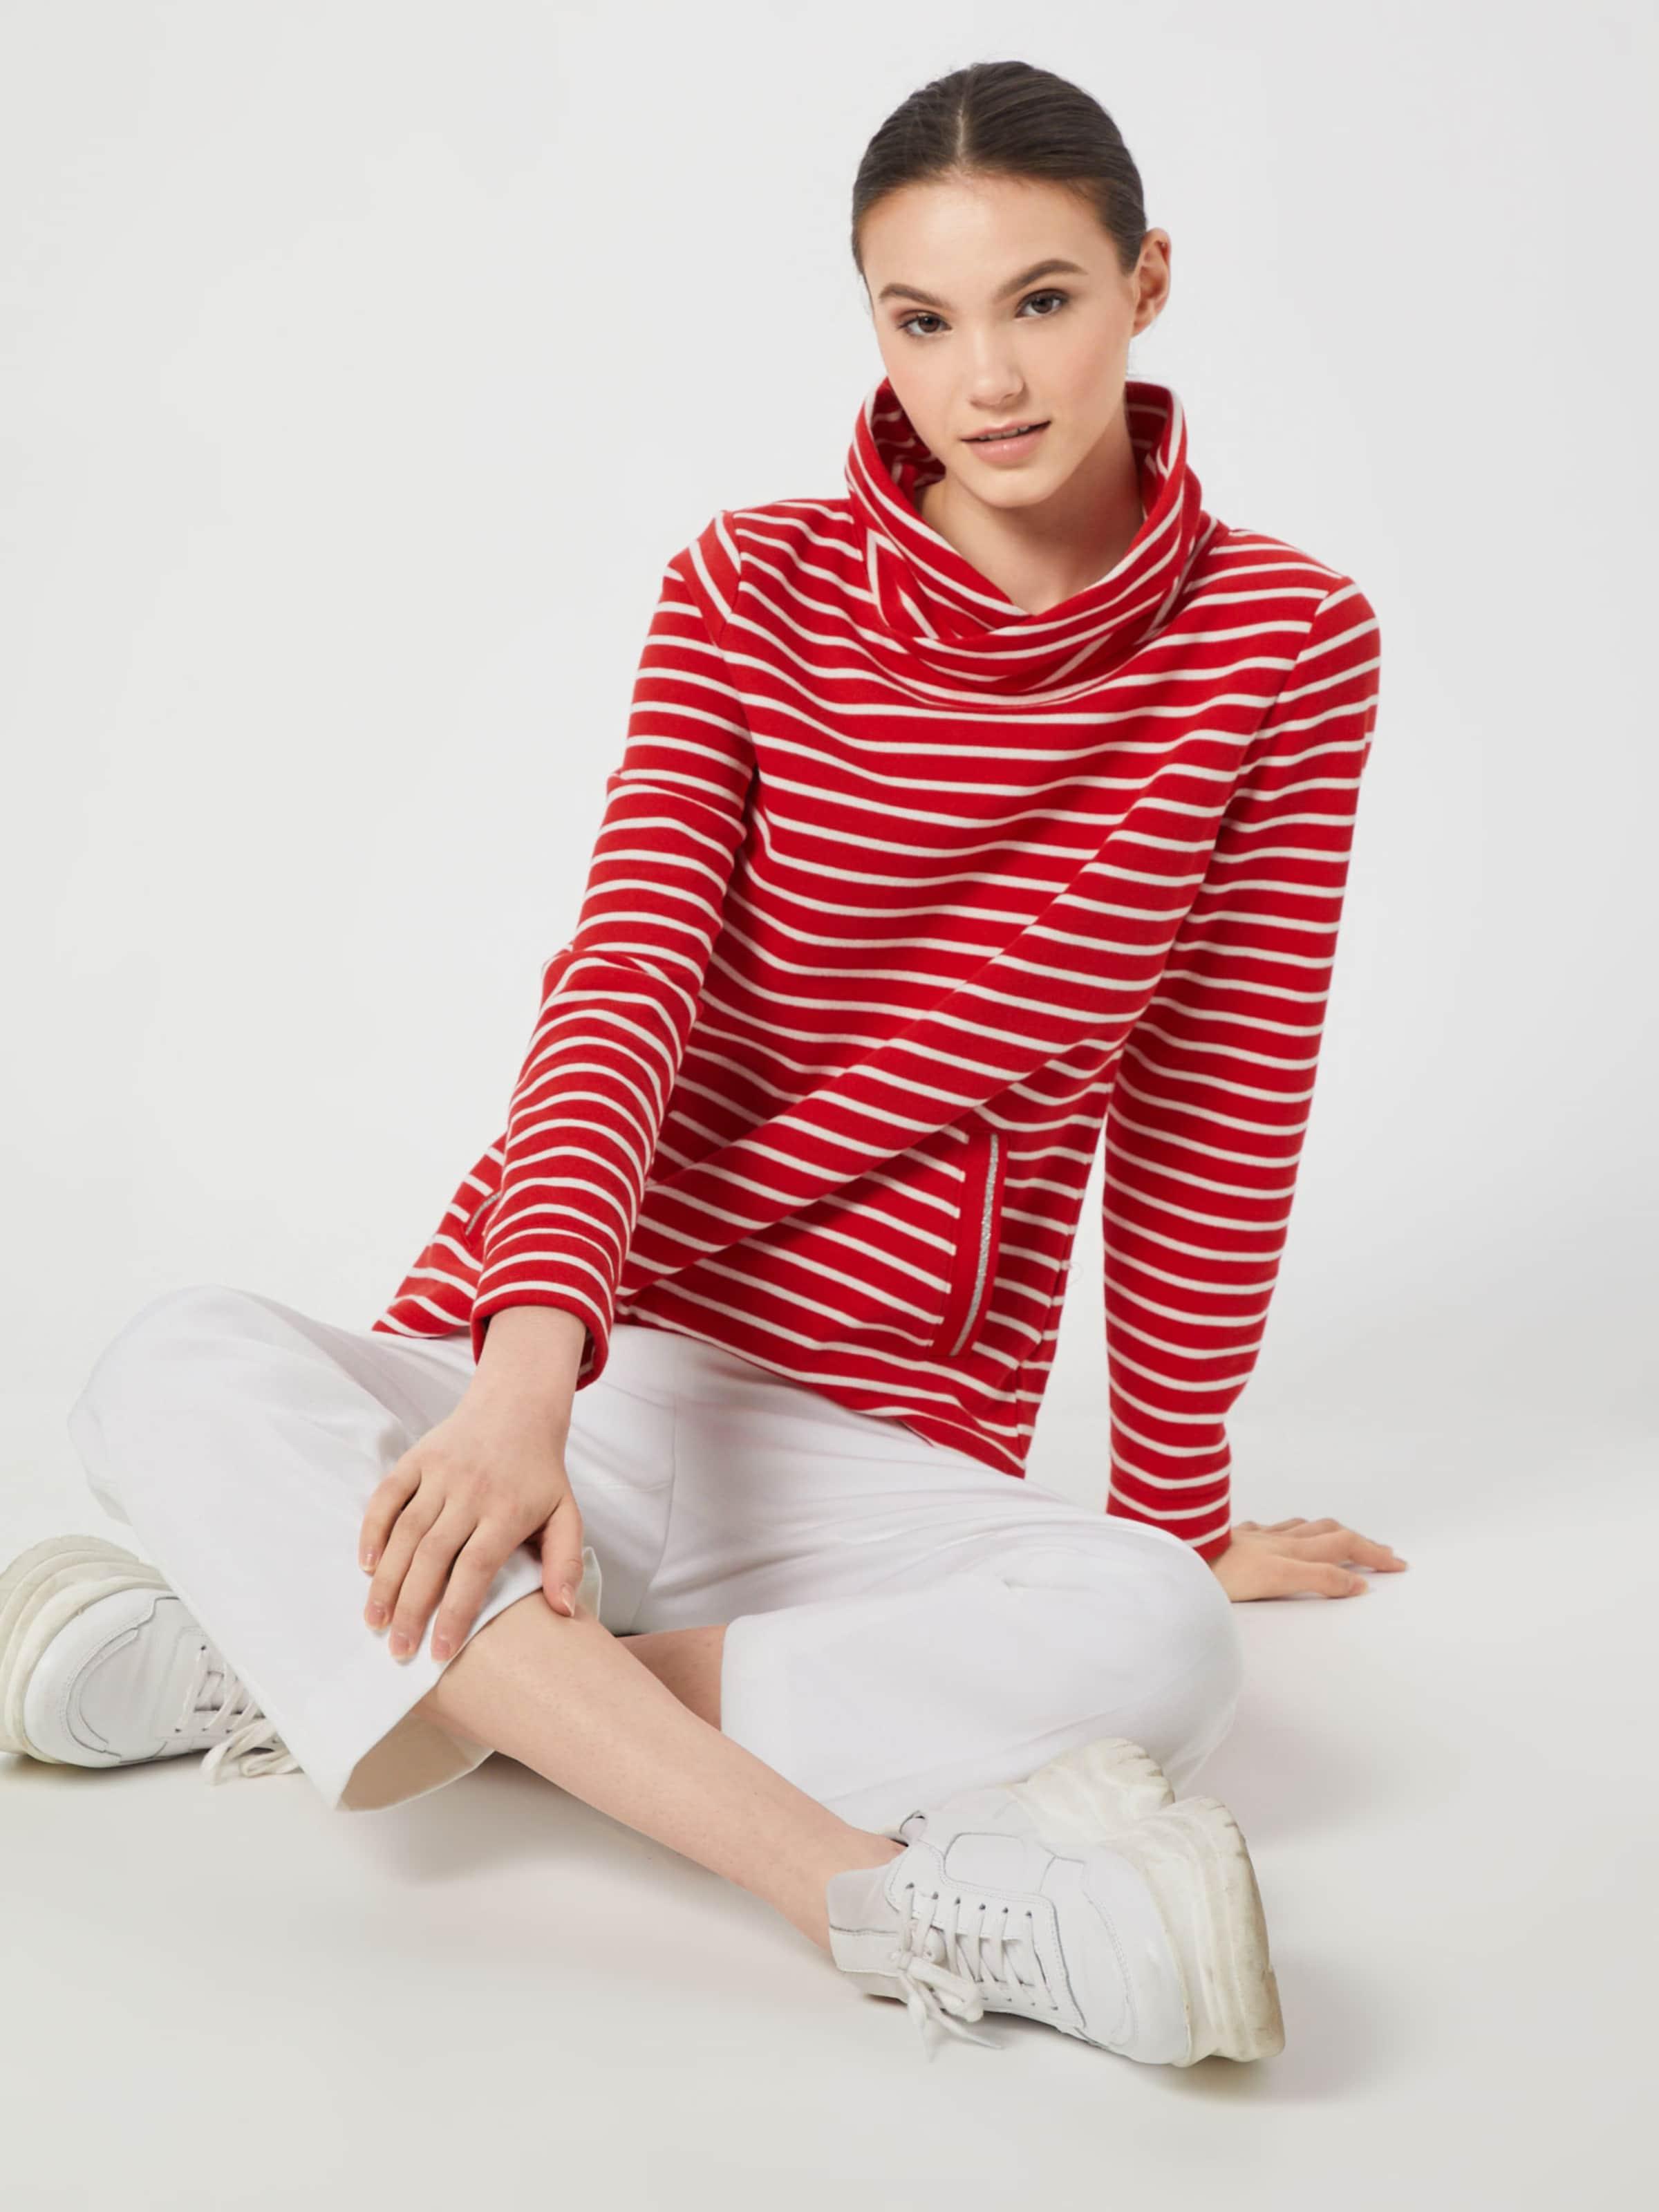 S RotWeiß Sweatshirt In oliver Sweatshirt S oliver WD9YHbe2IE